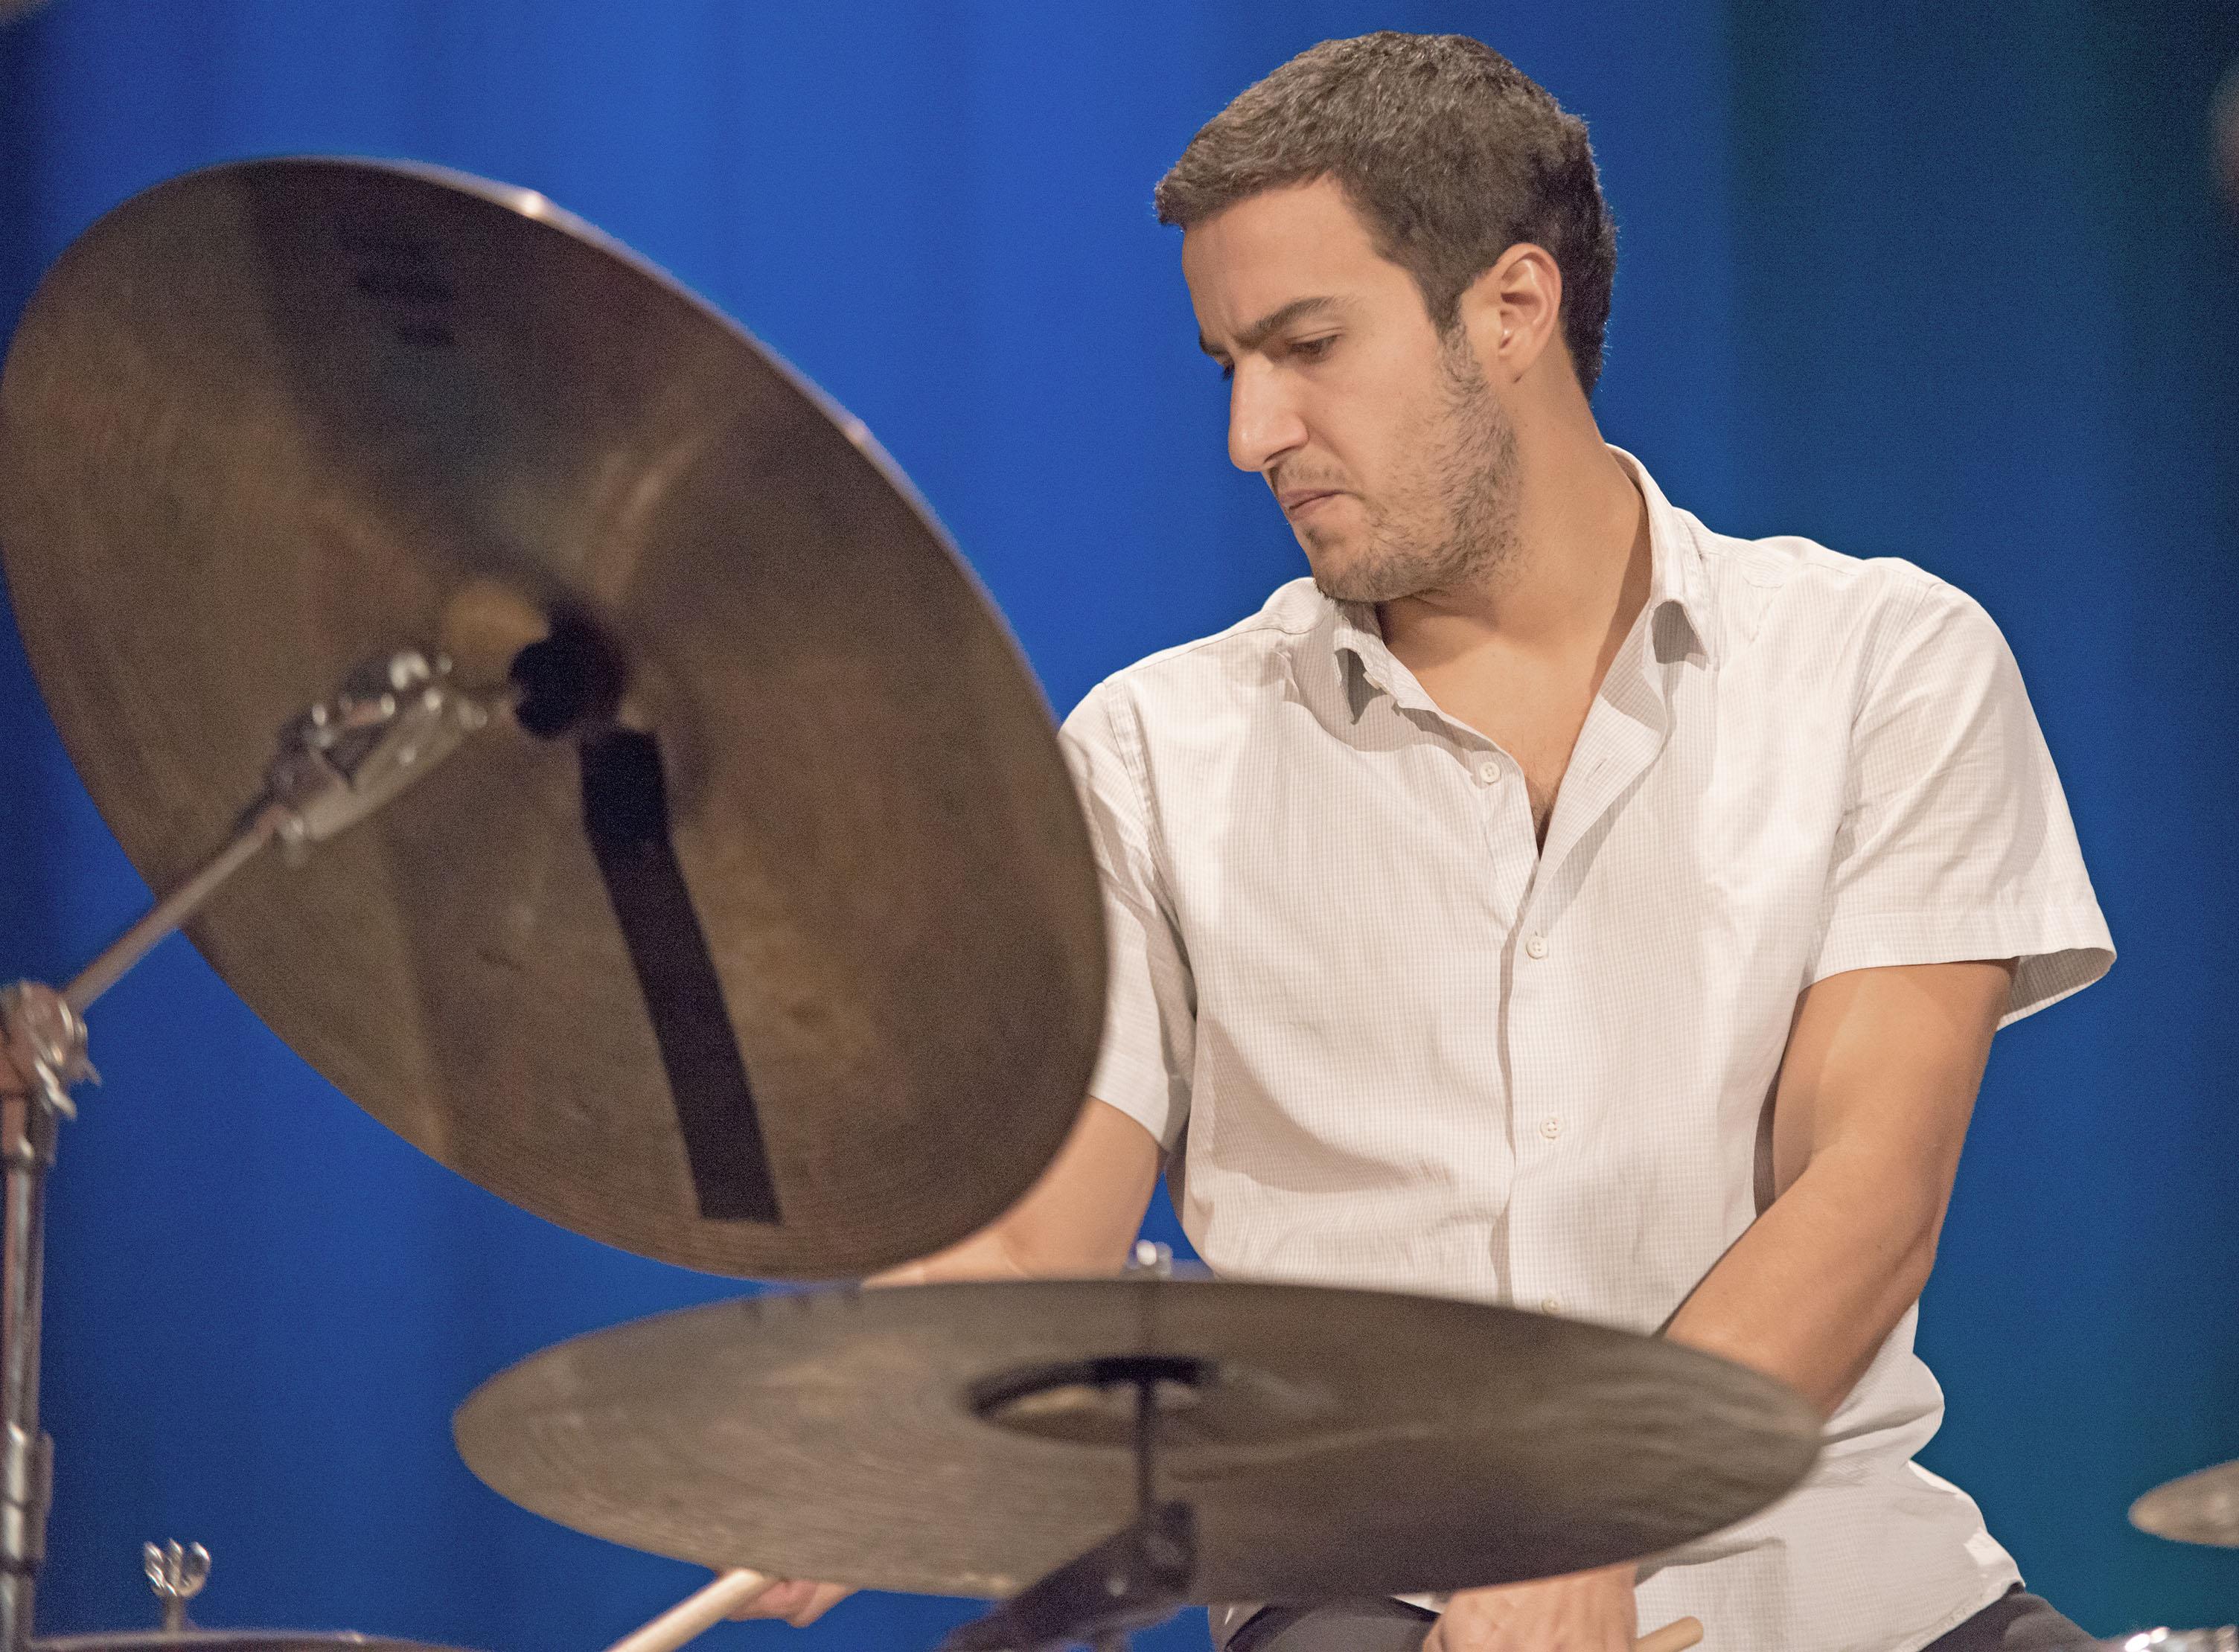 Piotr damasiewicz imprographic @ jazztopad 2013